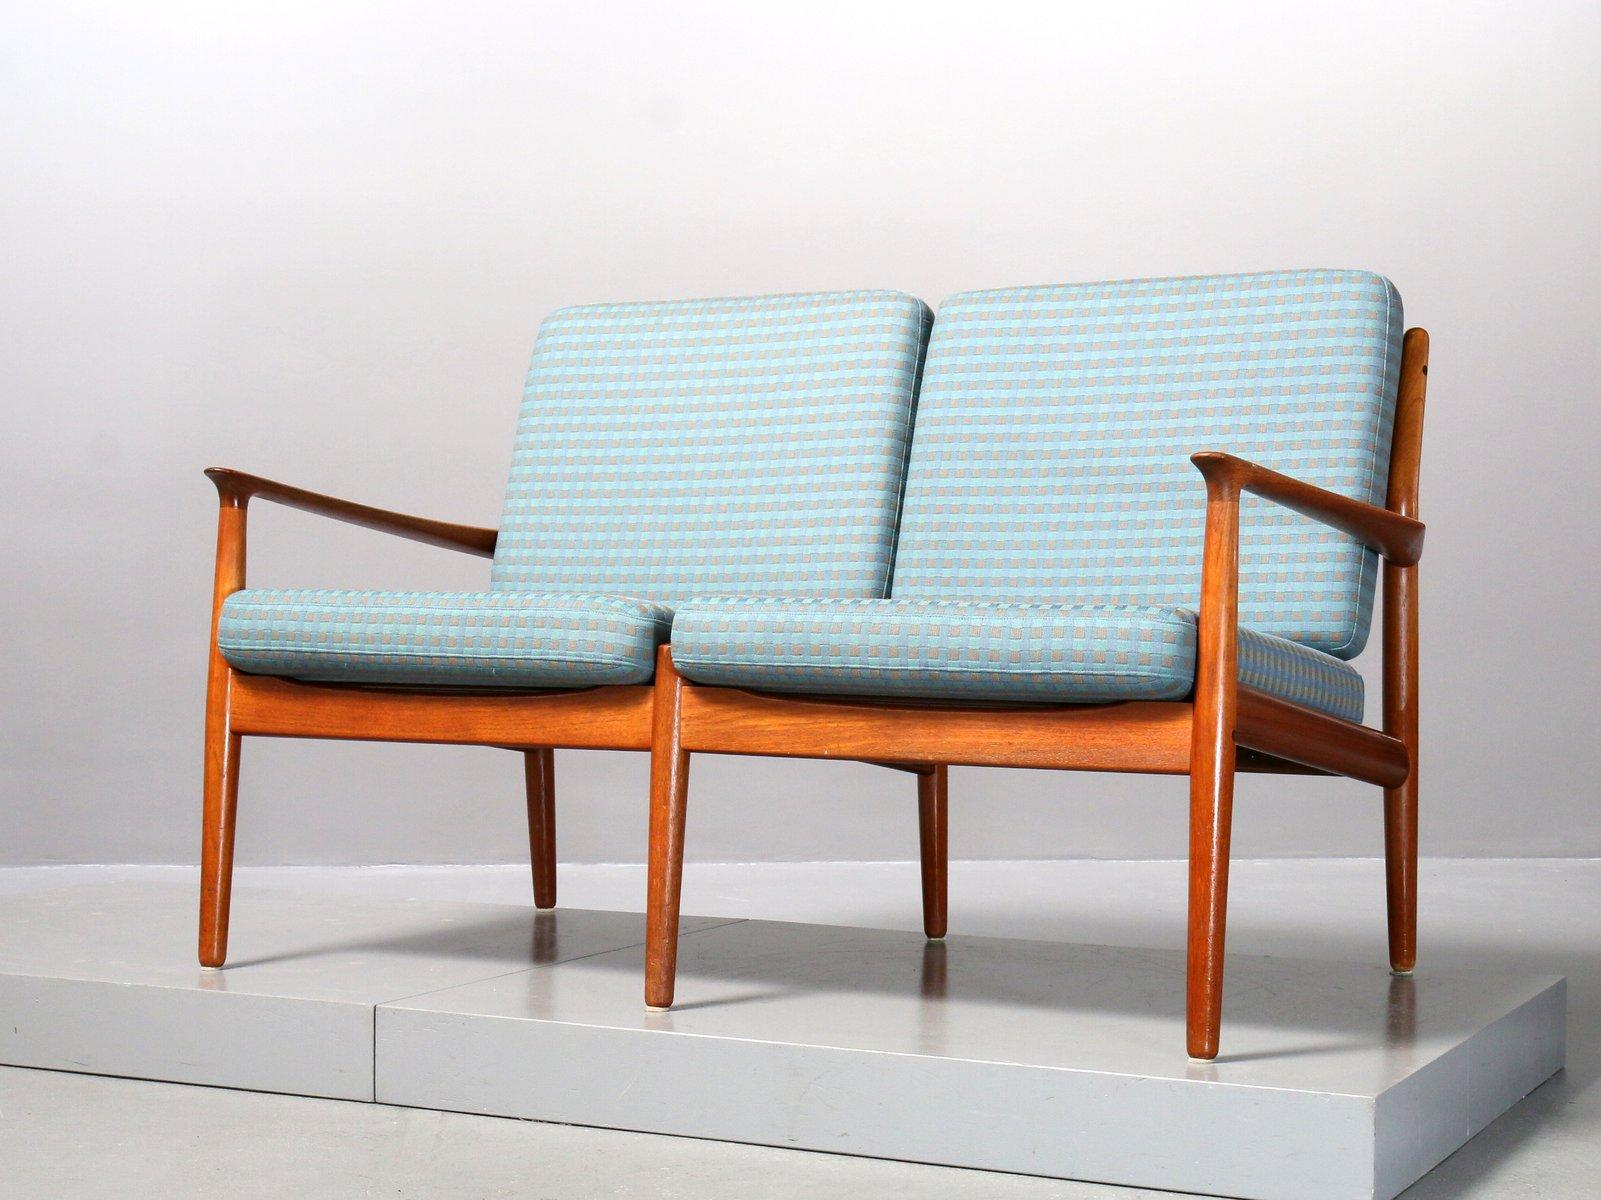 Vintage Modell GM 5 2-Sitzer Sofa von Svend Age Eriksen für Glostrup